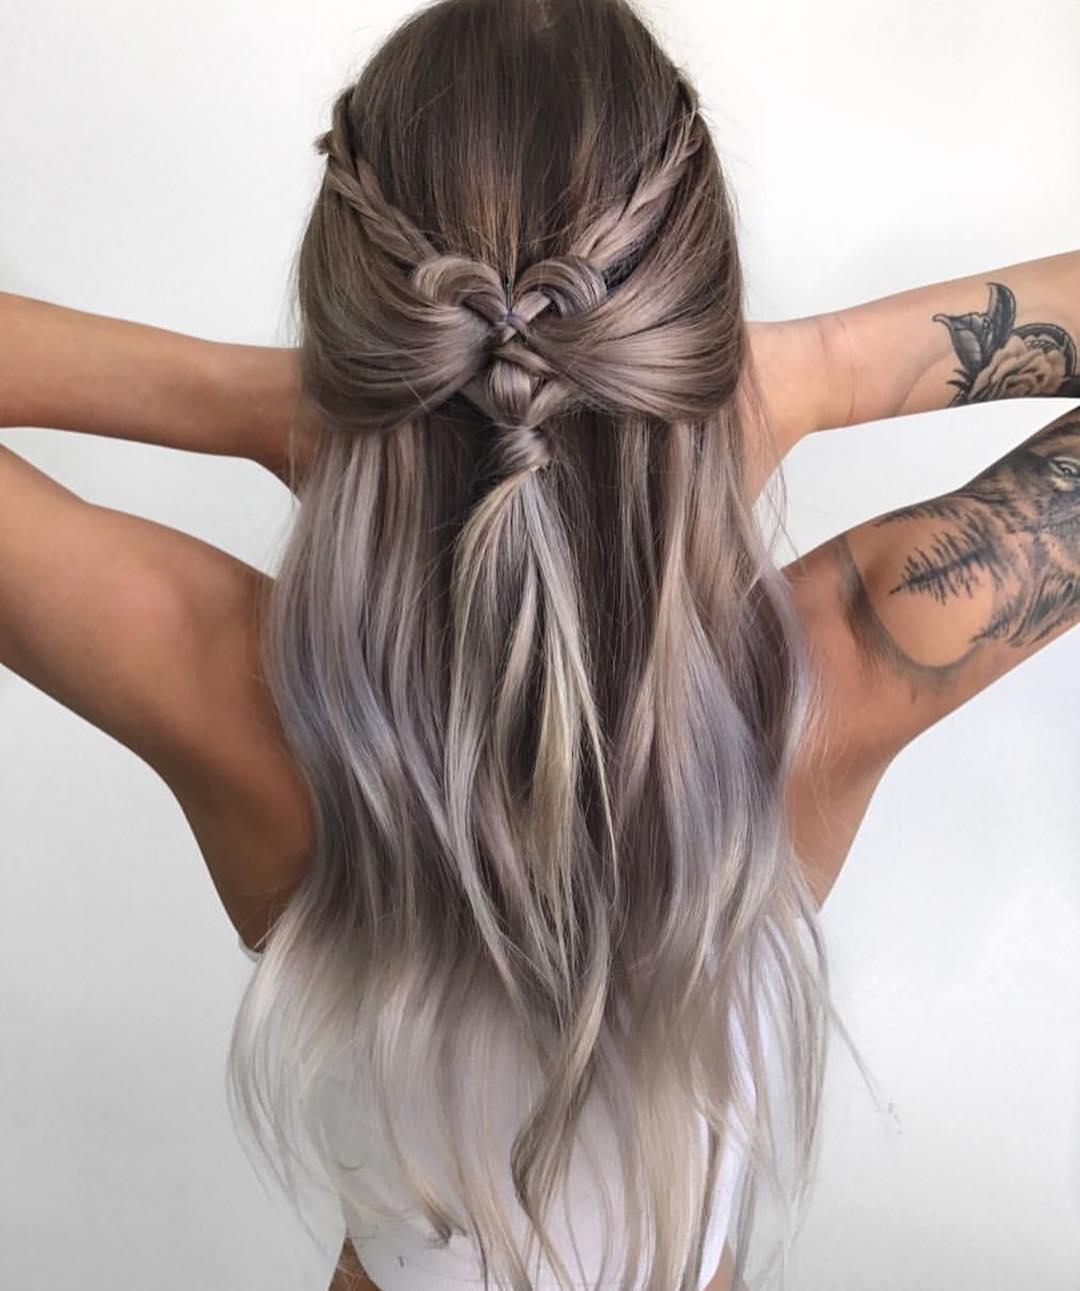 Tóc dài uốn nhẹ bện tóc với kiểu dáng mới lạ